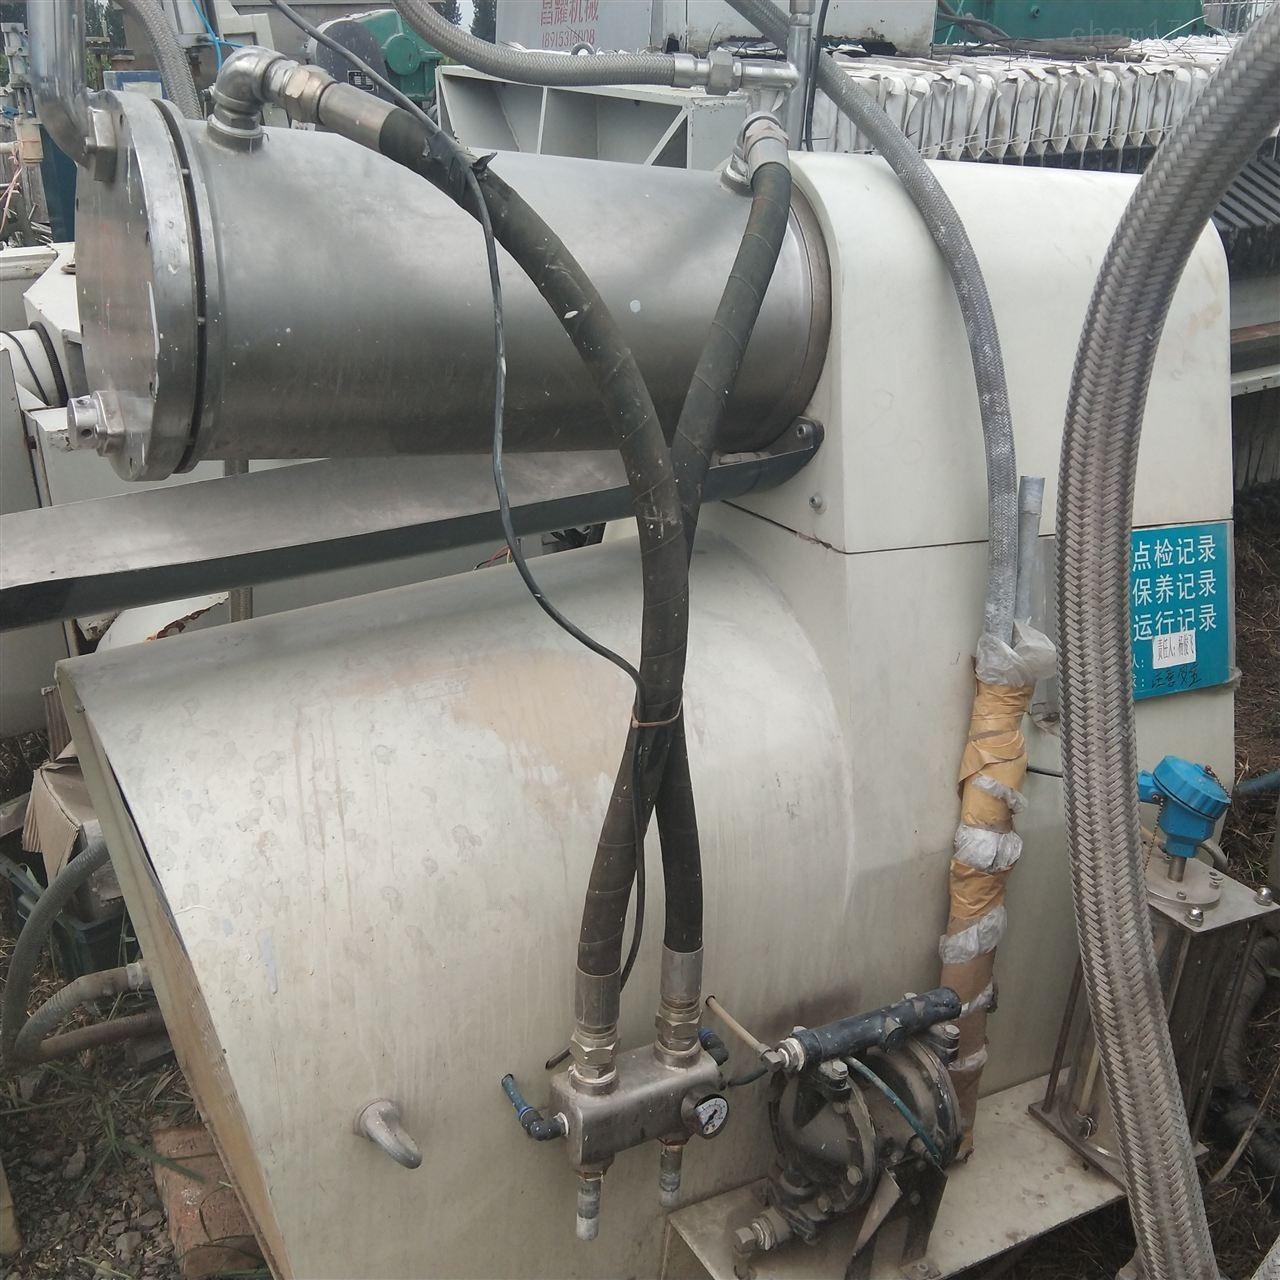 回收油漆设备砂磨机